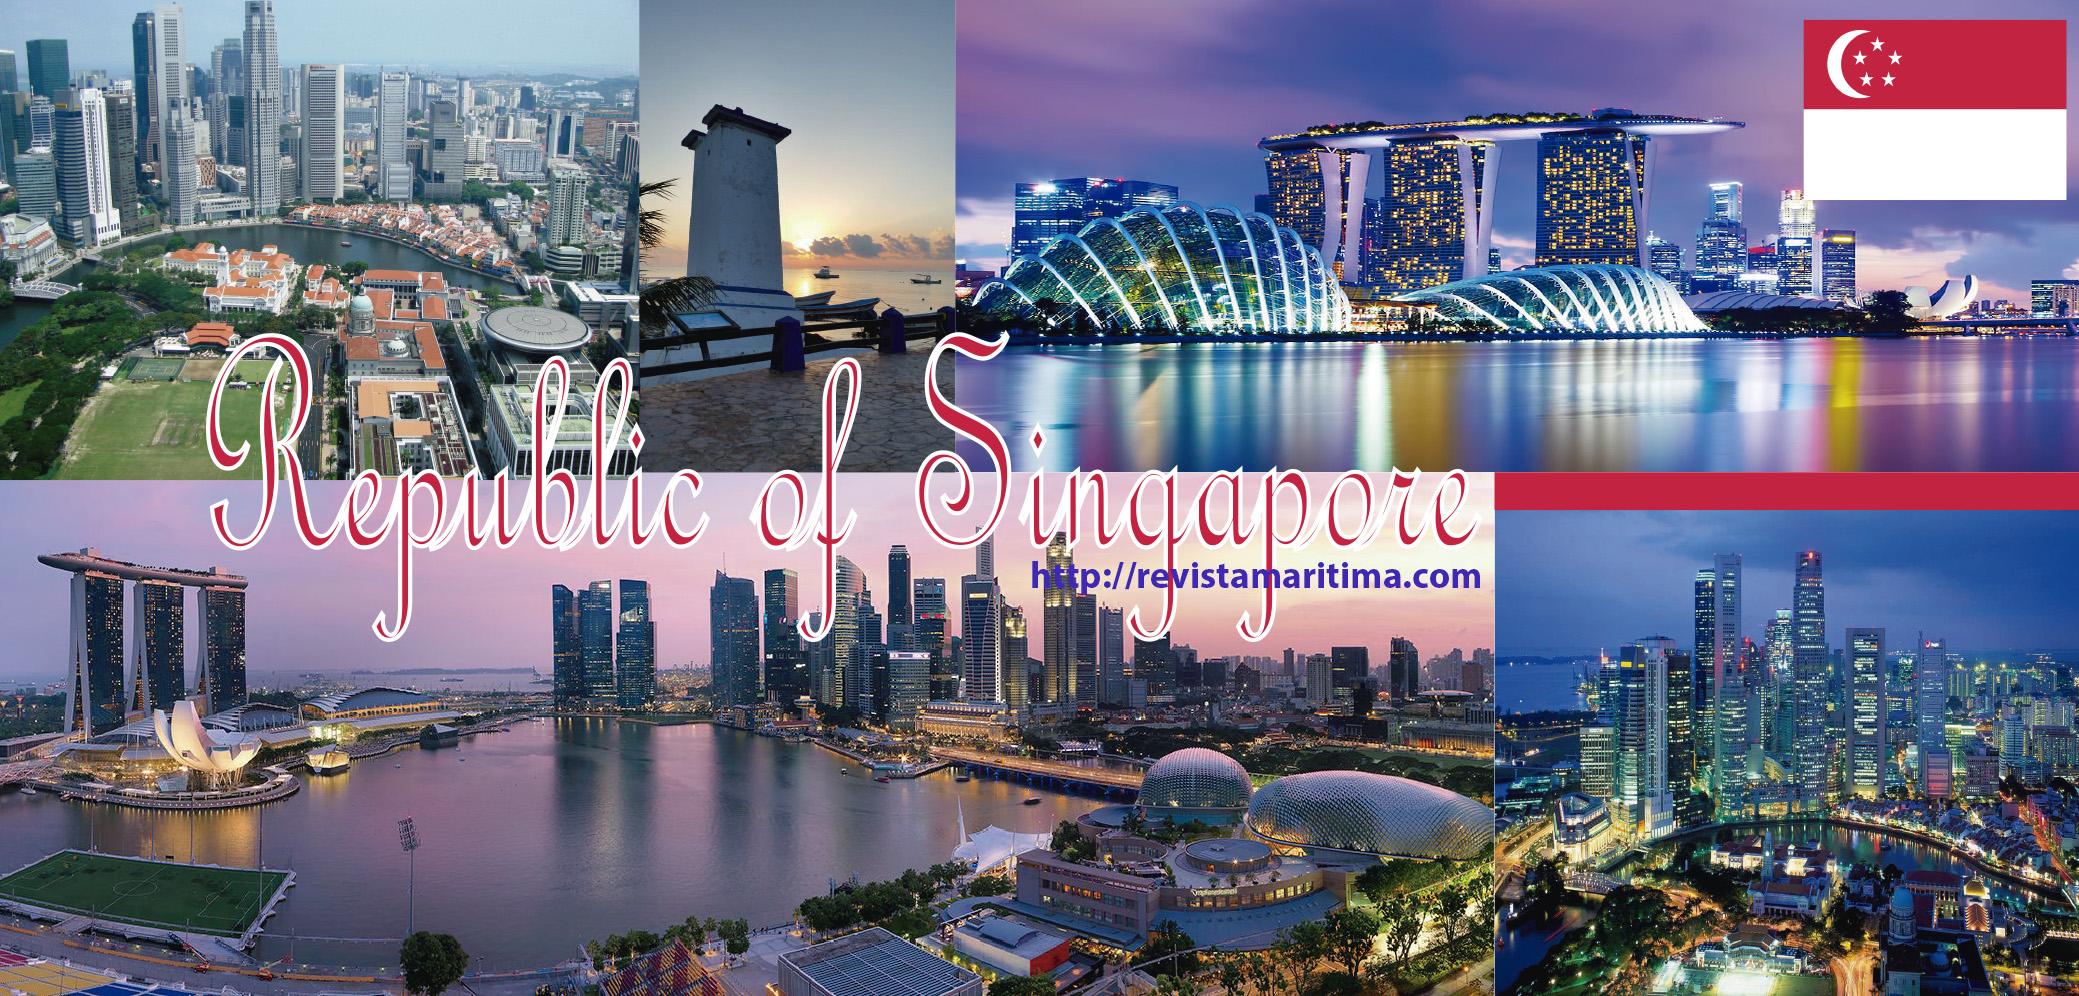 Circuito Singapur : Conozcamos a singapuru2026 u2013 revista marítima & portuaria